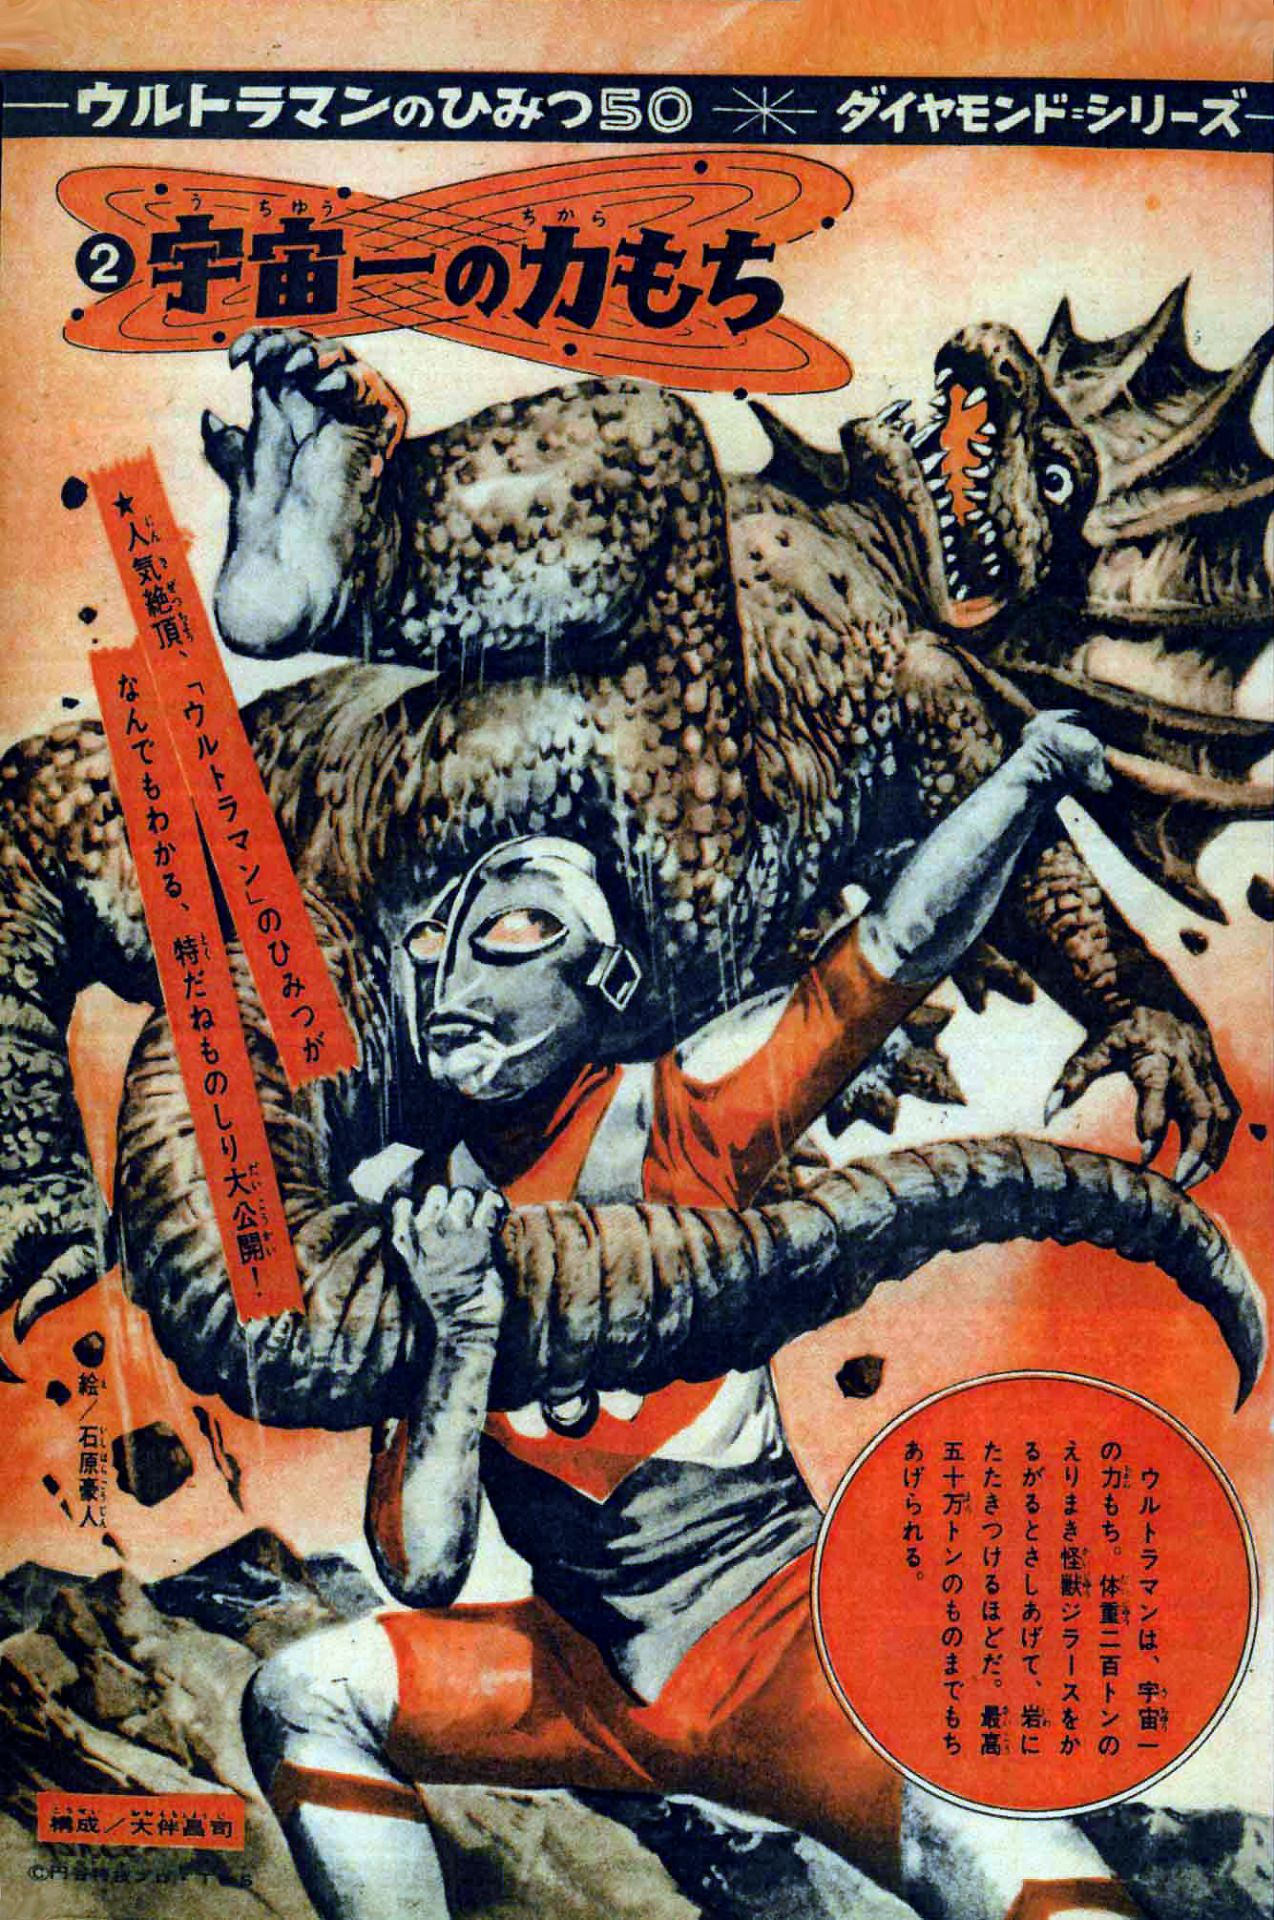 swampthingy 日本のホラー 怪獣 イラスト サブカル 漫画